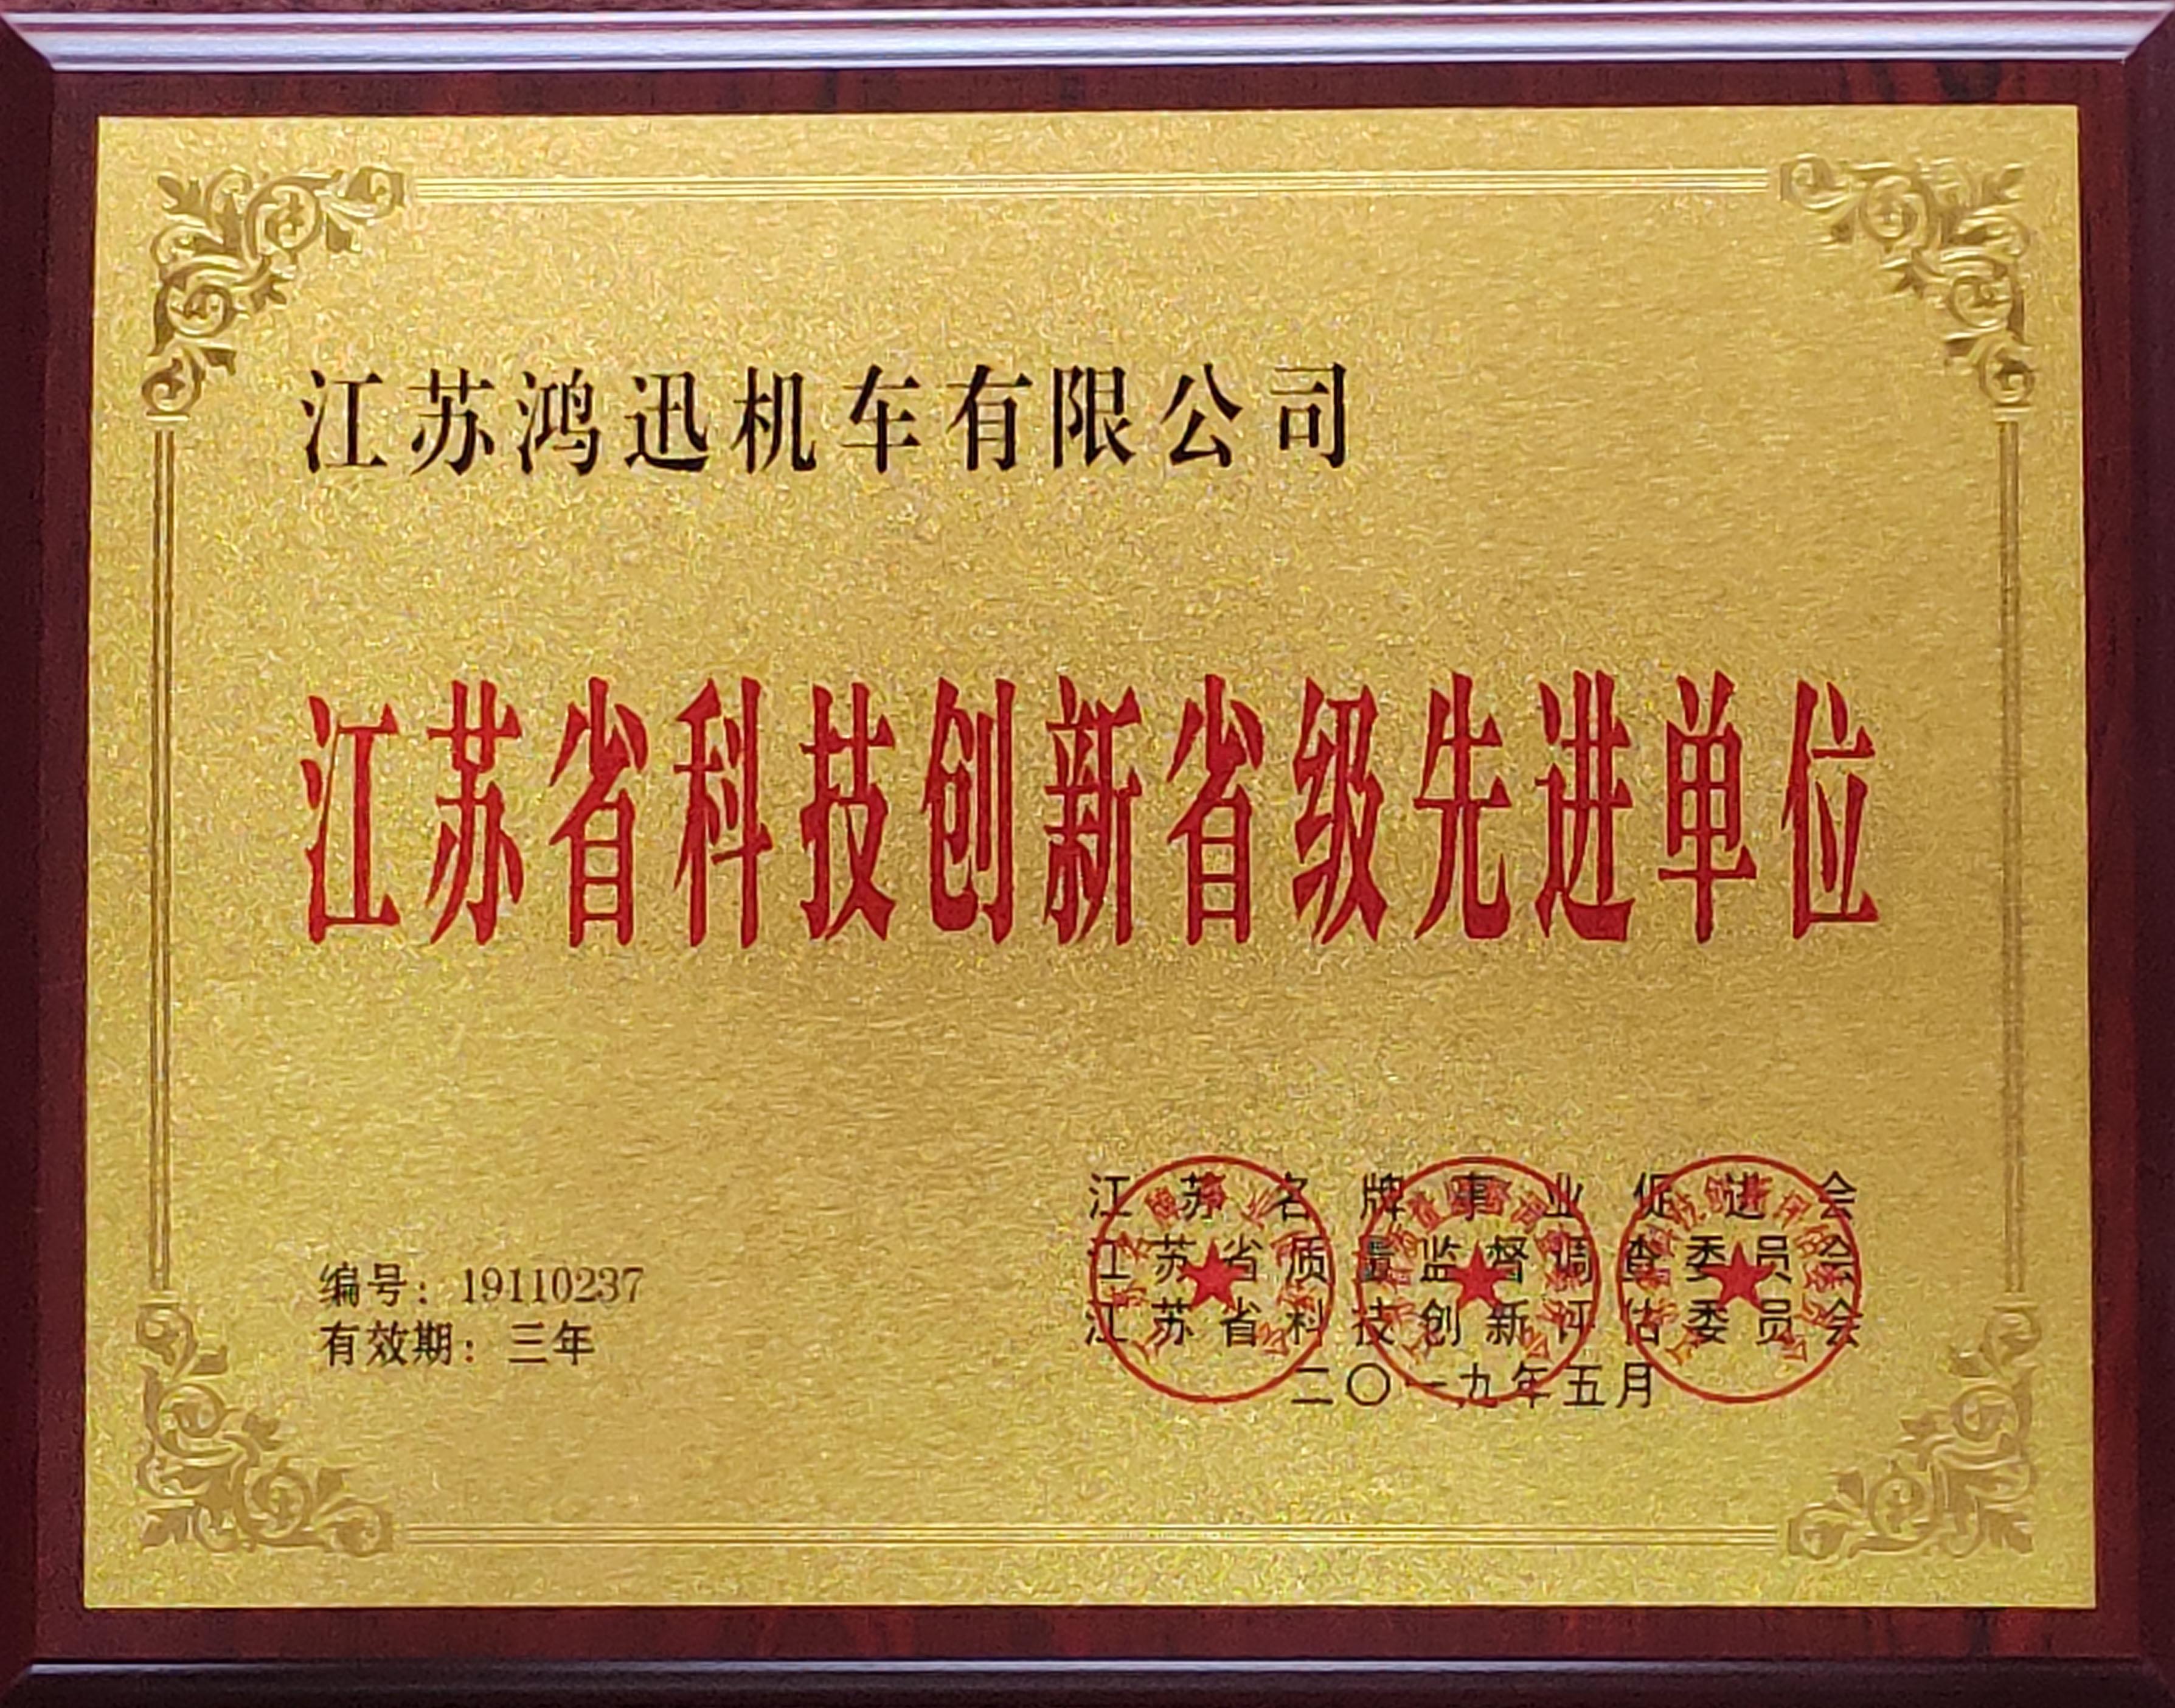 江苏省科技创新省级先进单位